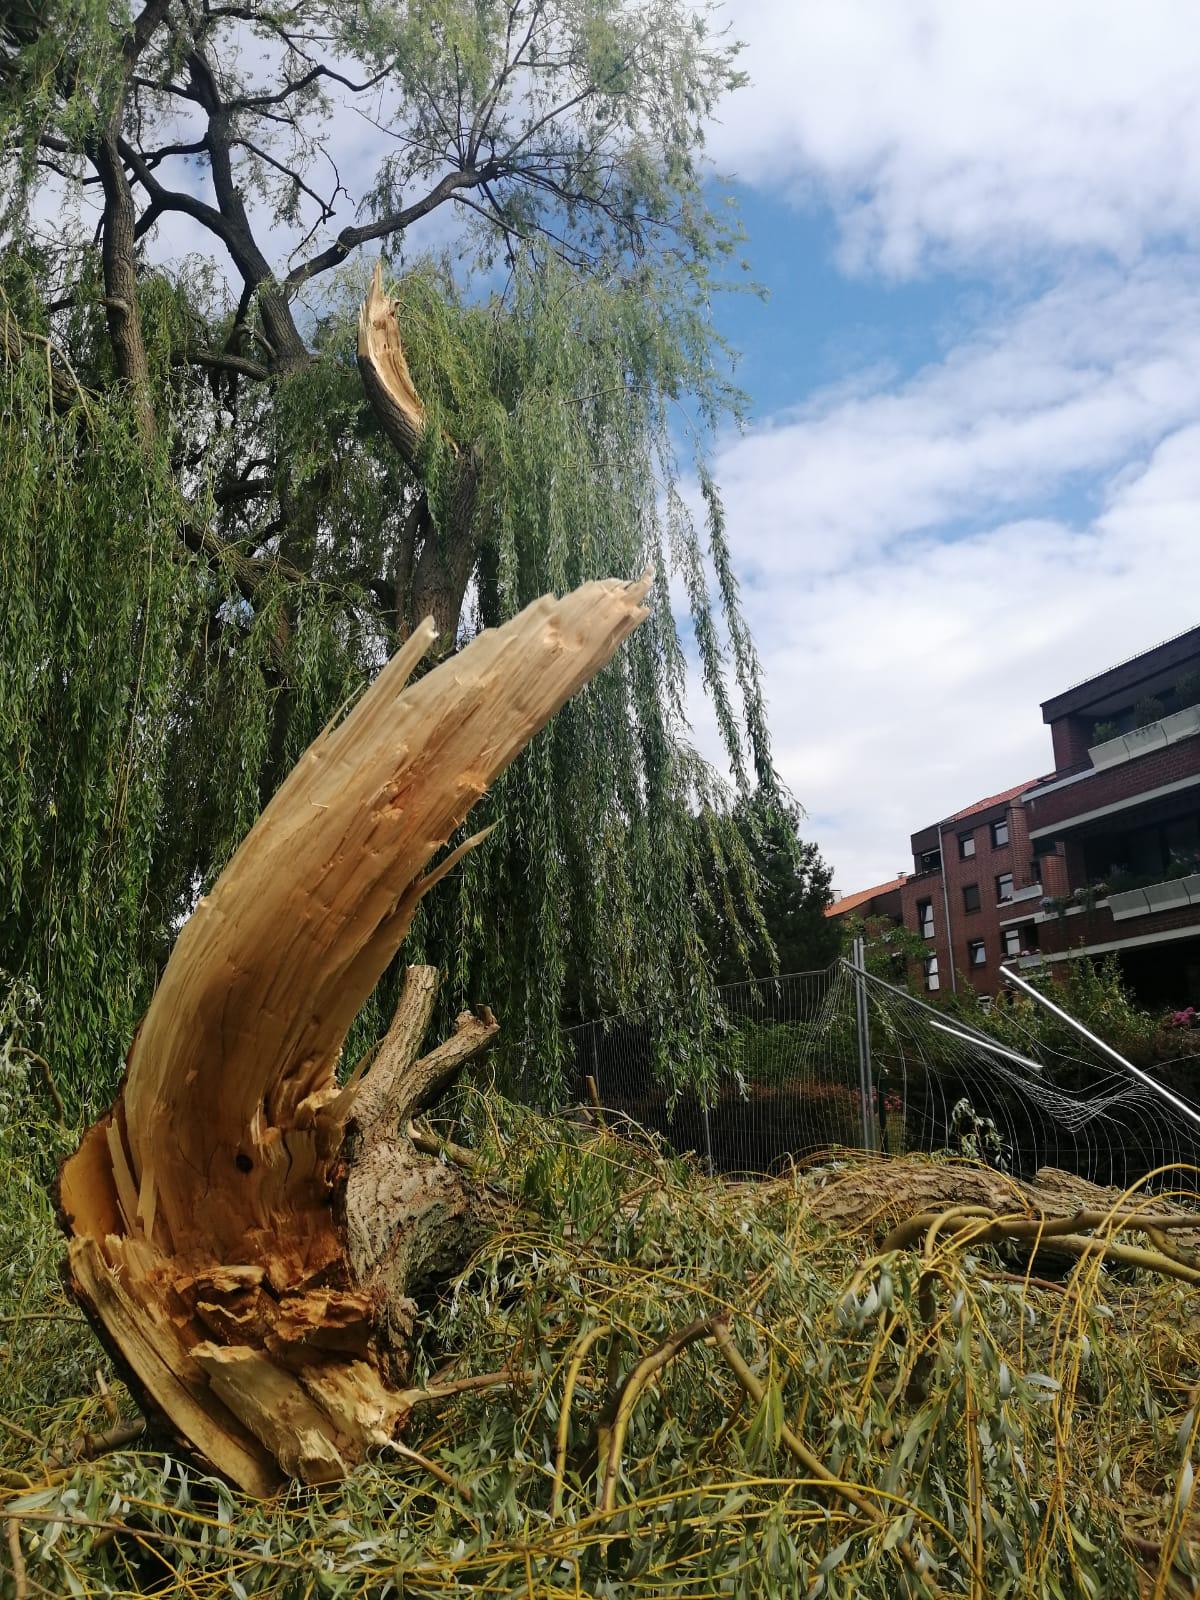 Im Vordergrund liegt der herabgestürzte, abgebrochene Ast einer Weide. Im Hintergrund der große Baum mit der Bruchstelle und ein Haus. ©Stadt Laatzen © Stadt Laatzen